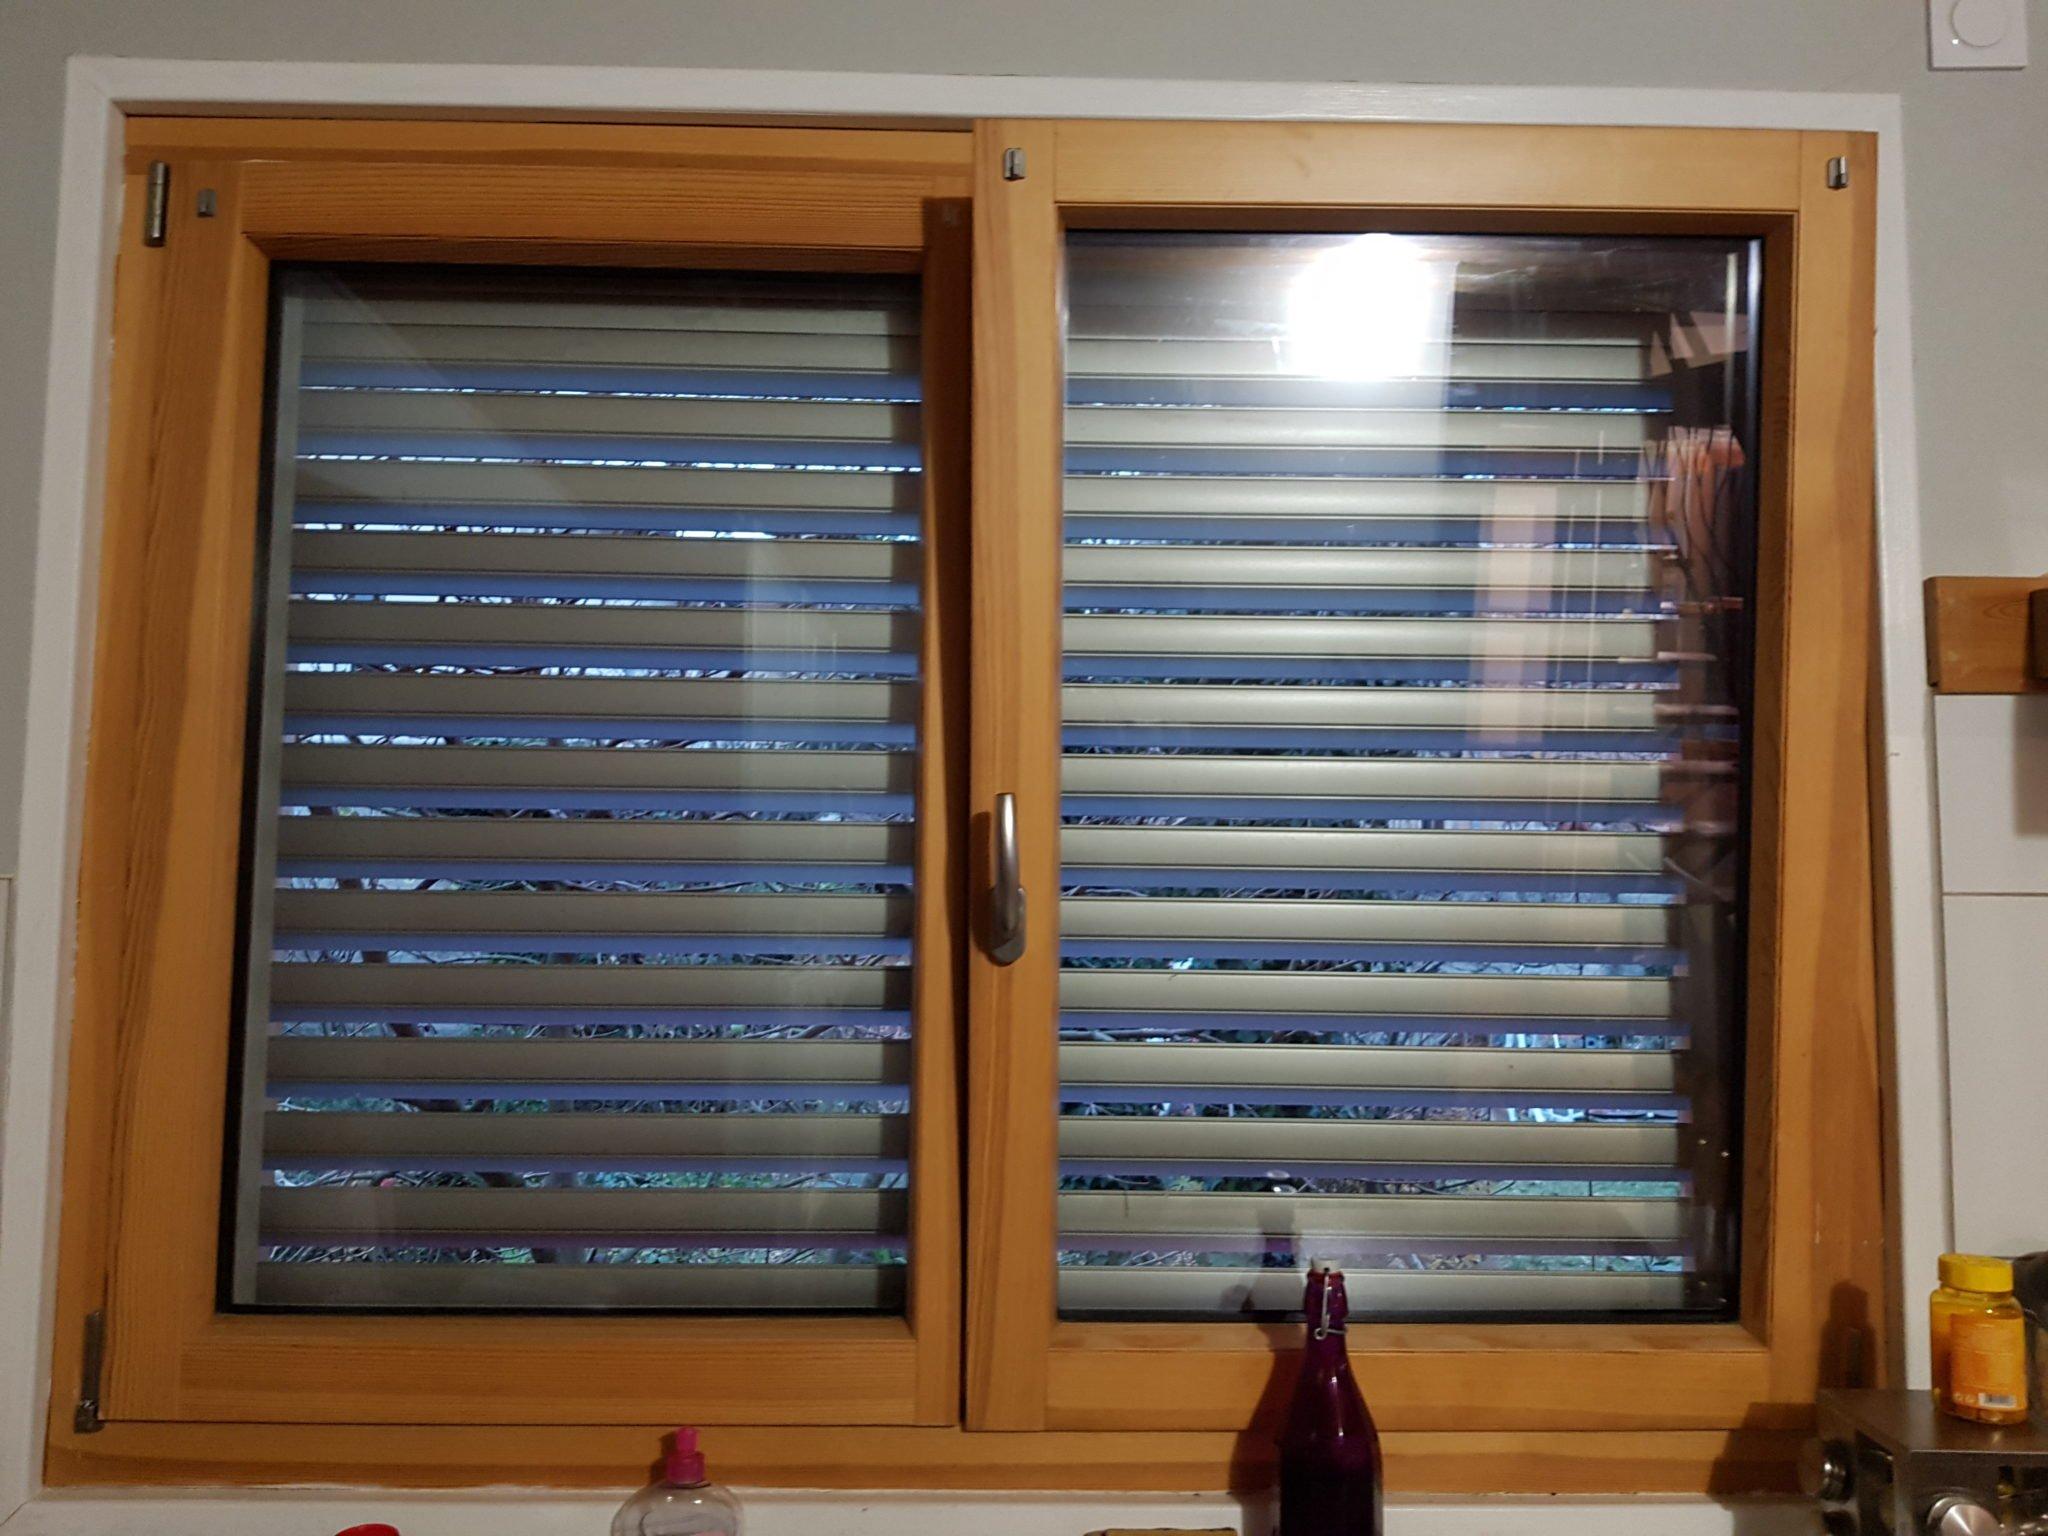 20171206 080438 - Fenêtres bois et mixte